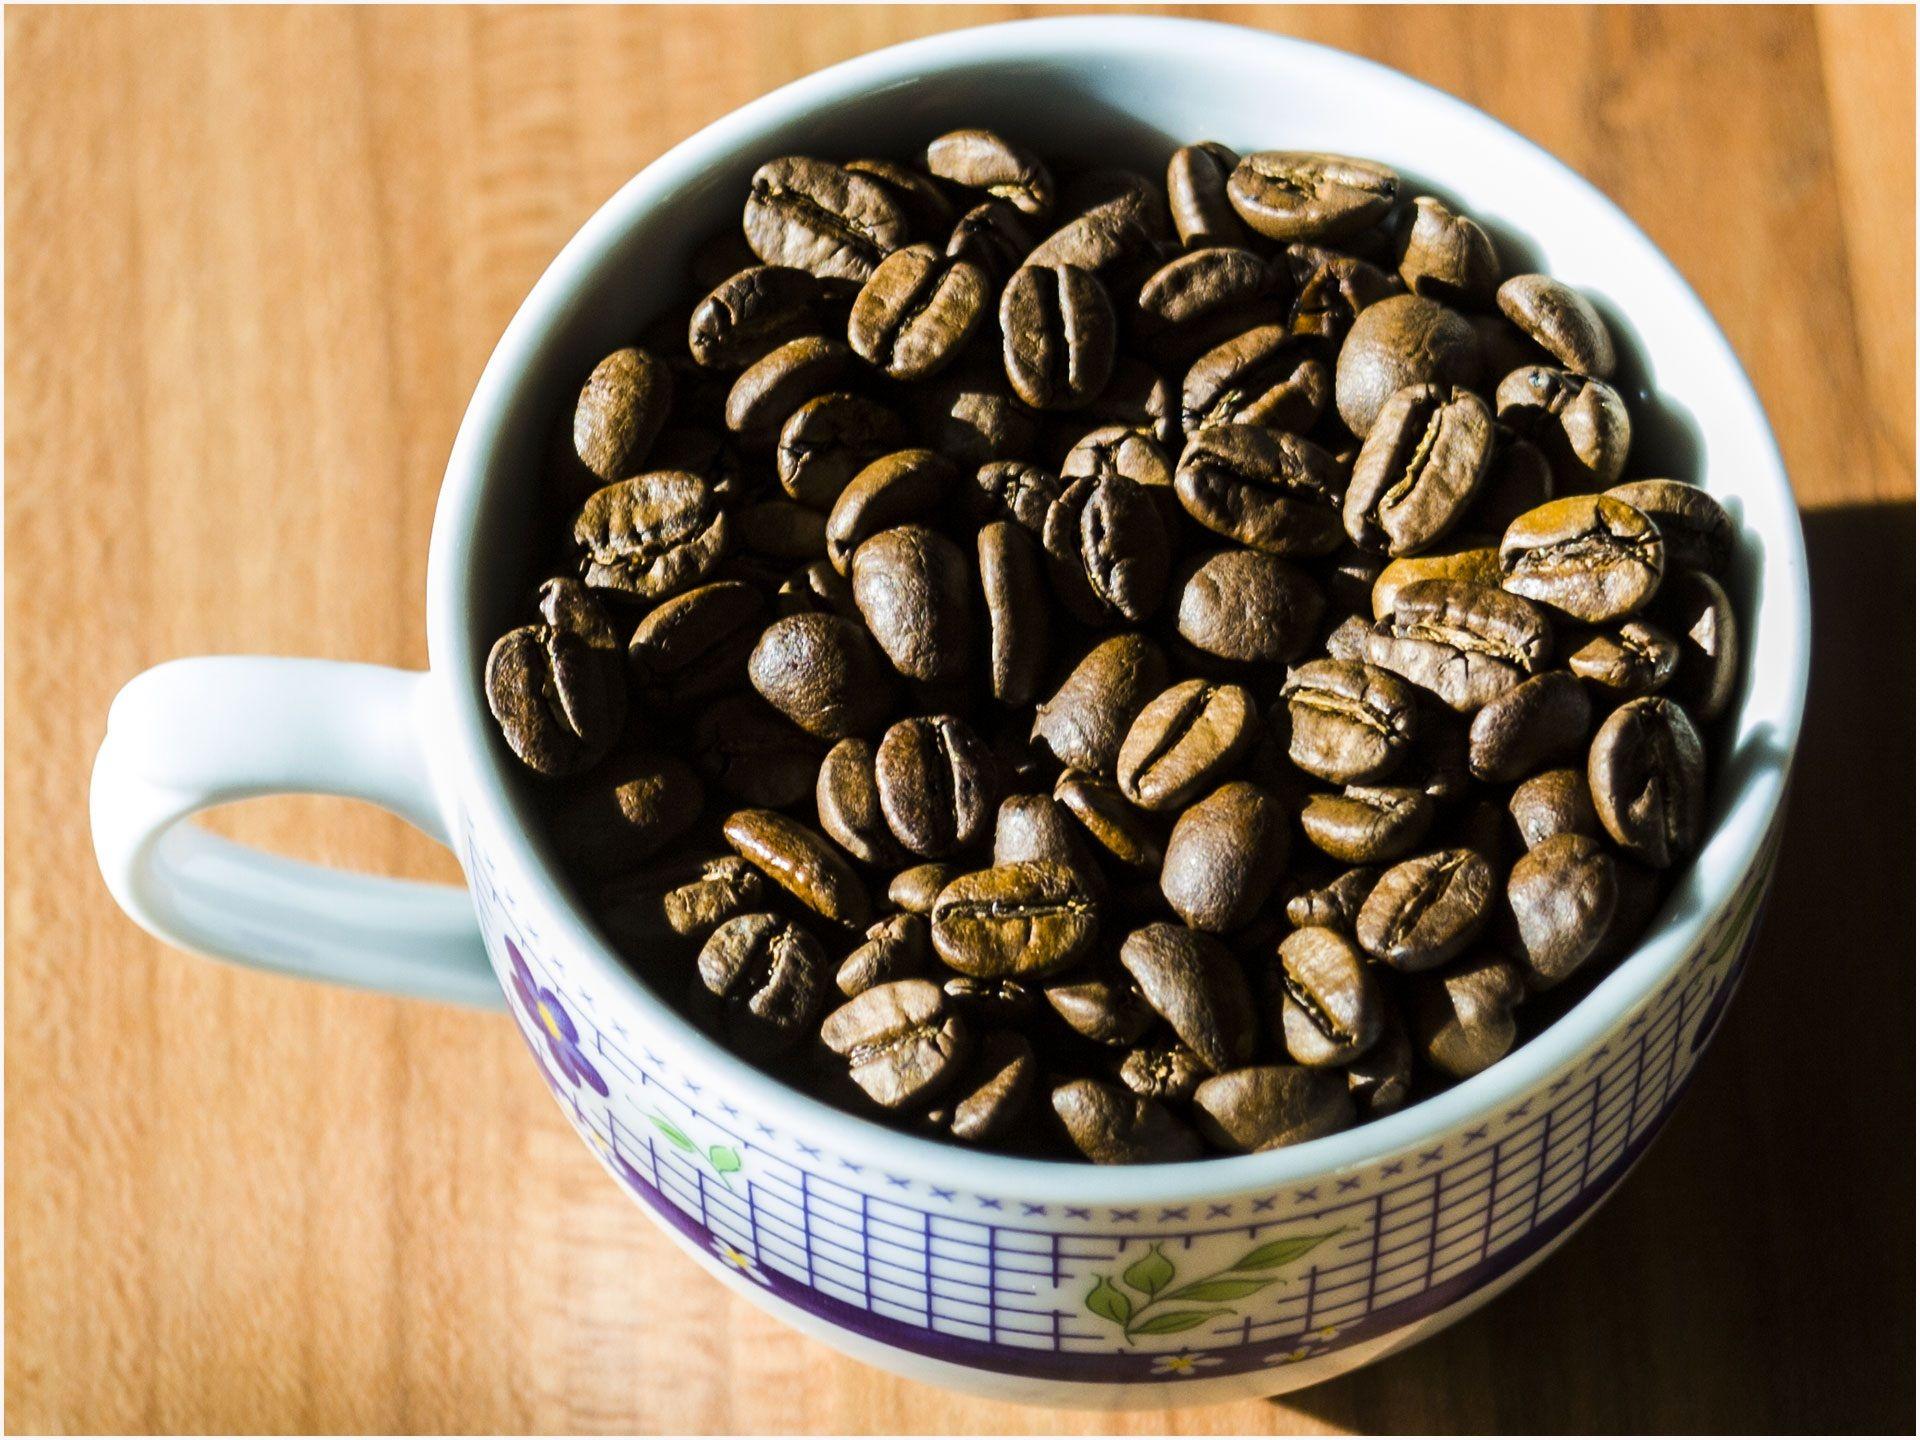 Il caffè è lassativo?